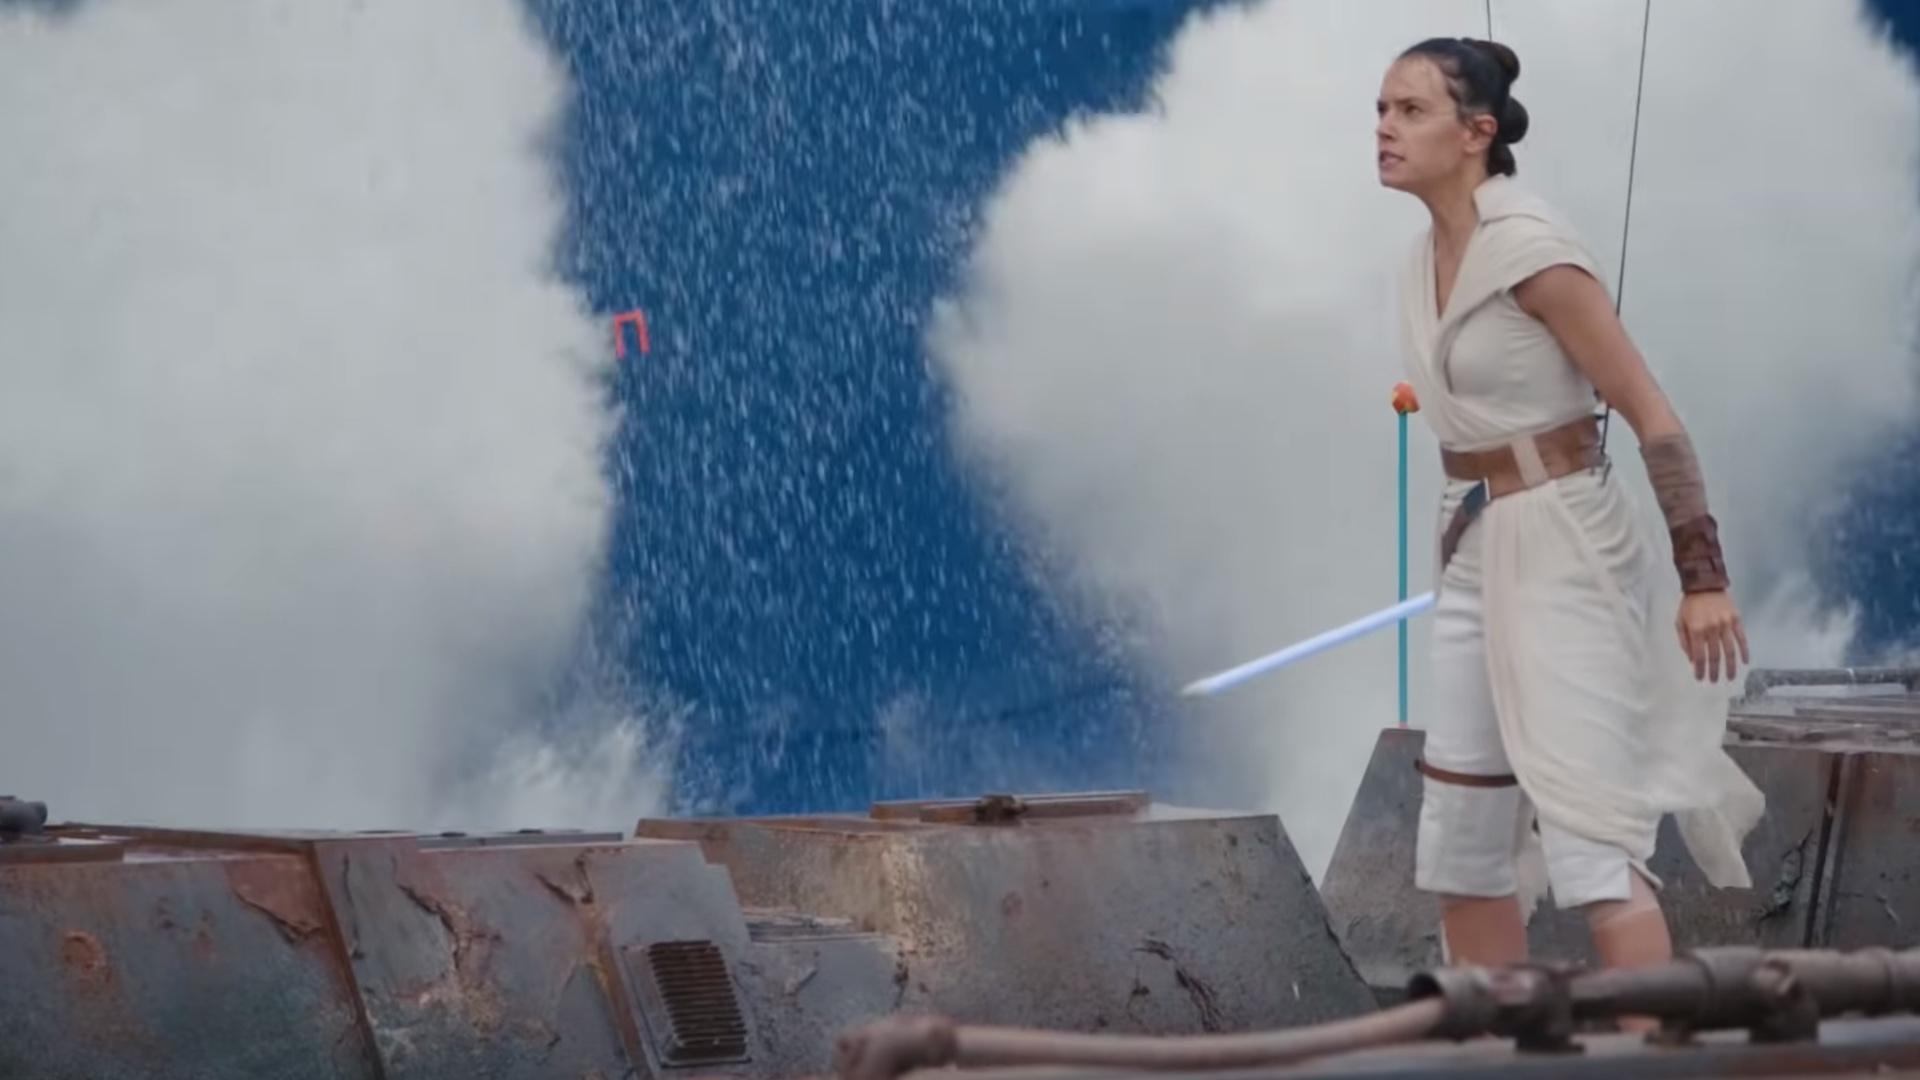 cool-star-wars-the-rise-of-skywalker-behind-the-scenes-set-video-social.jpg